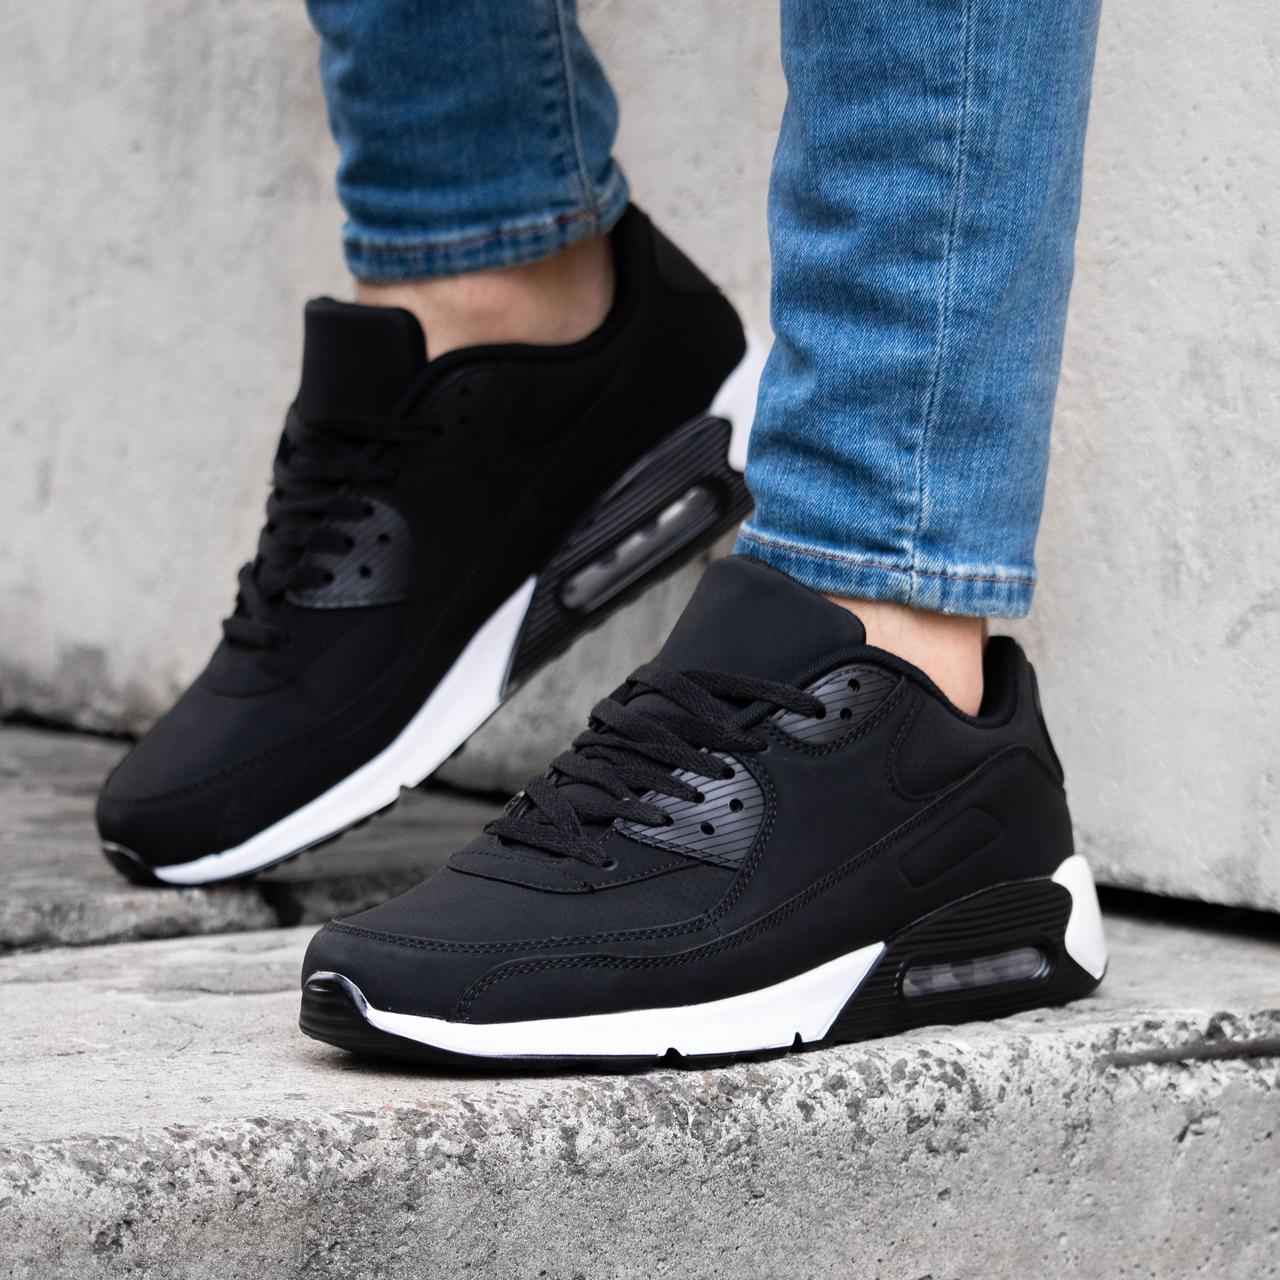 Чоловічі кросівки в стилі N!ike Air Max 90 взуття чоловіче демісезонне Розміри 40 | 41 | 42 | 43 | 44 | 45